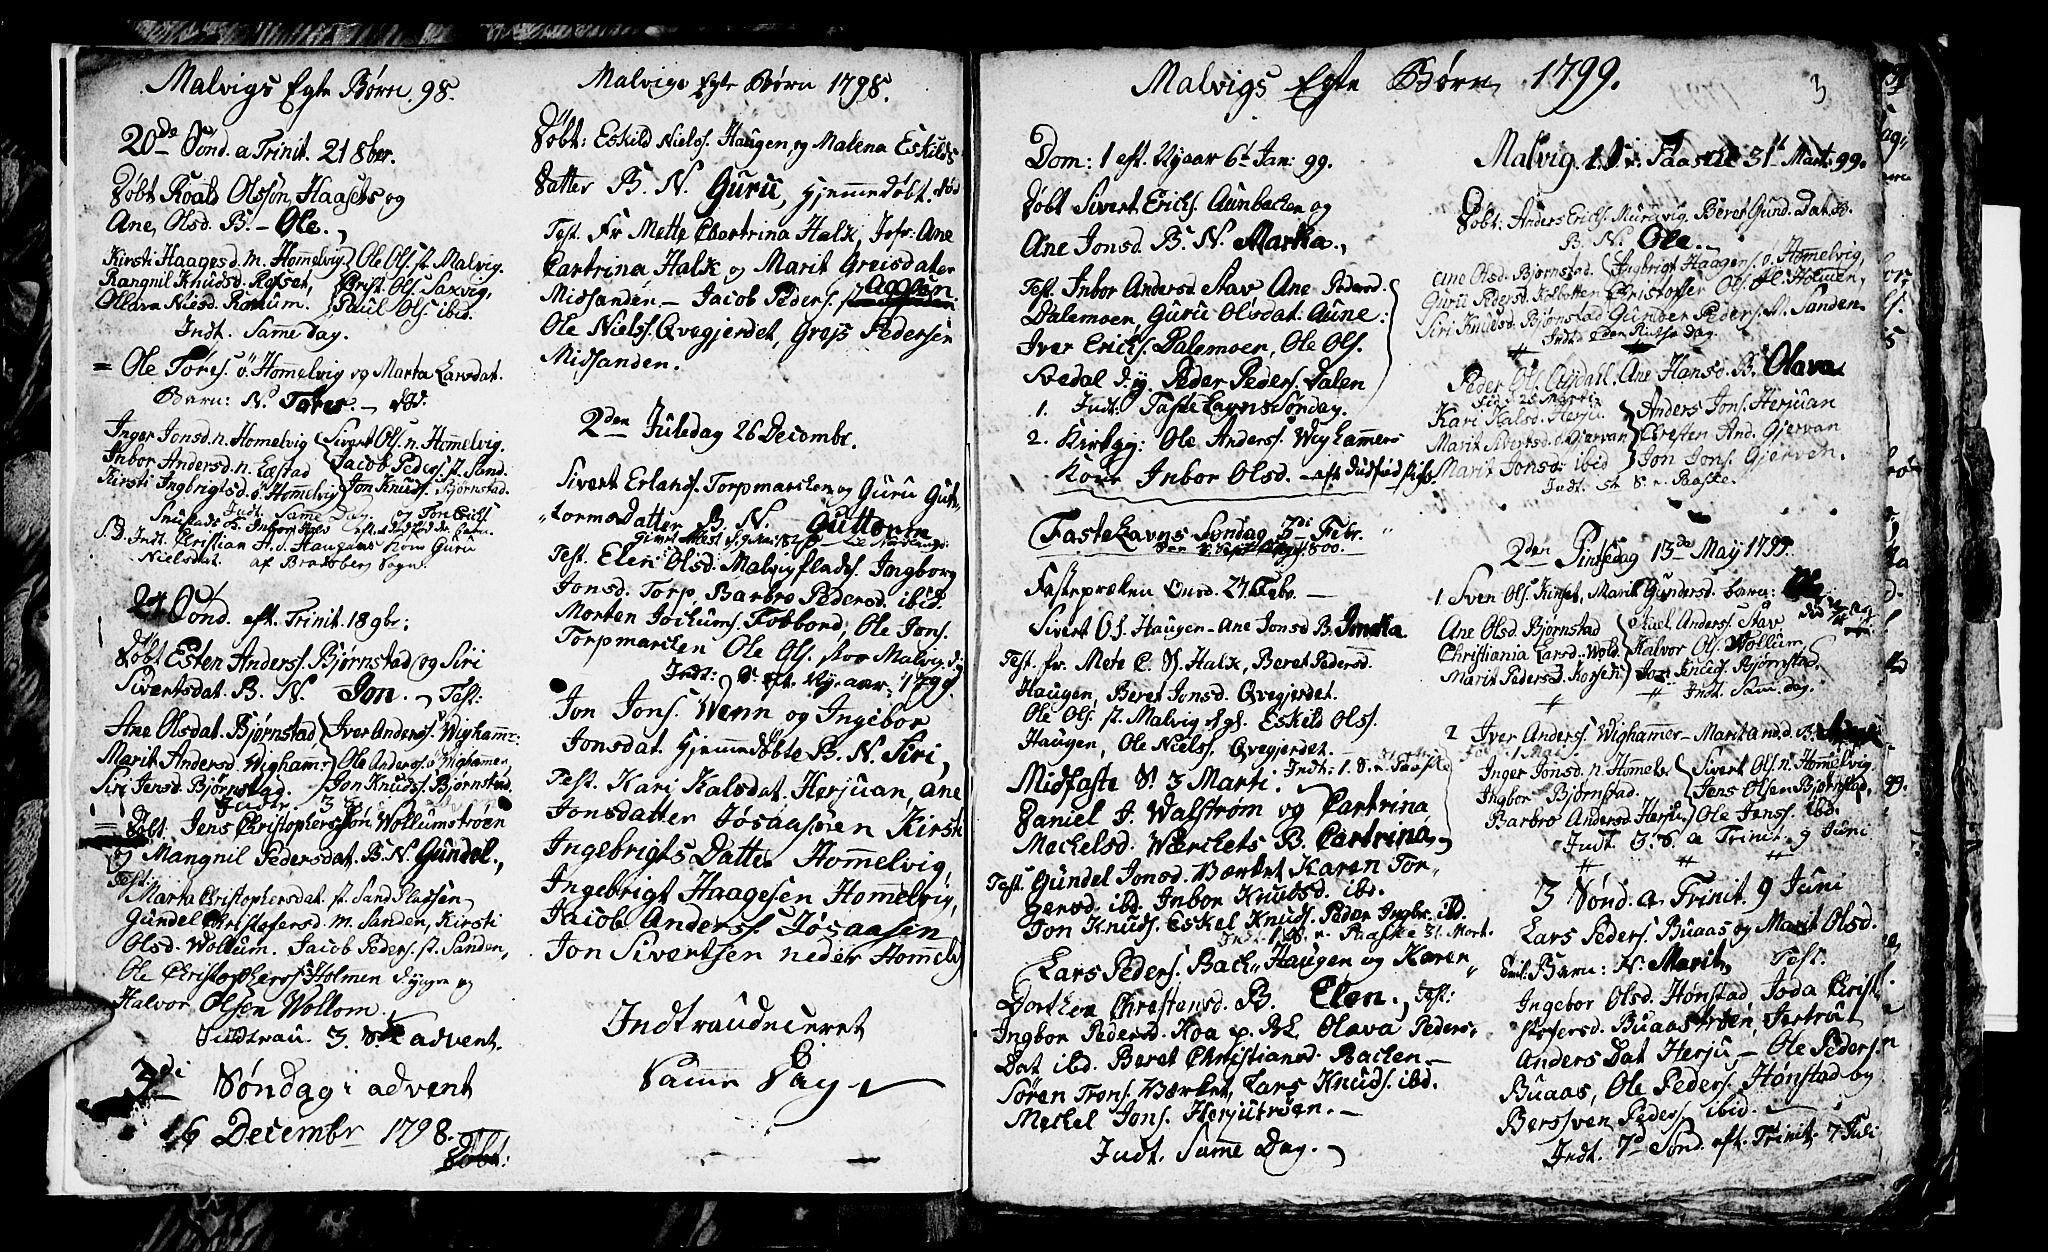 SAT, Ministerialprotokoller, klokkerbøker og fødselsregistre - Sør-Trøndelag, 616/L0419: Klokkerbok nr. 616C02, 1797-1816, s. 3